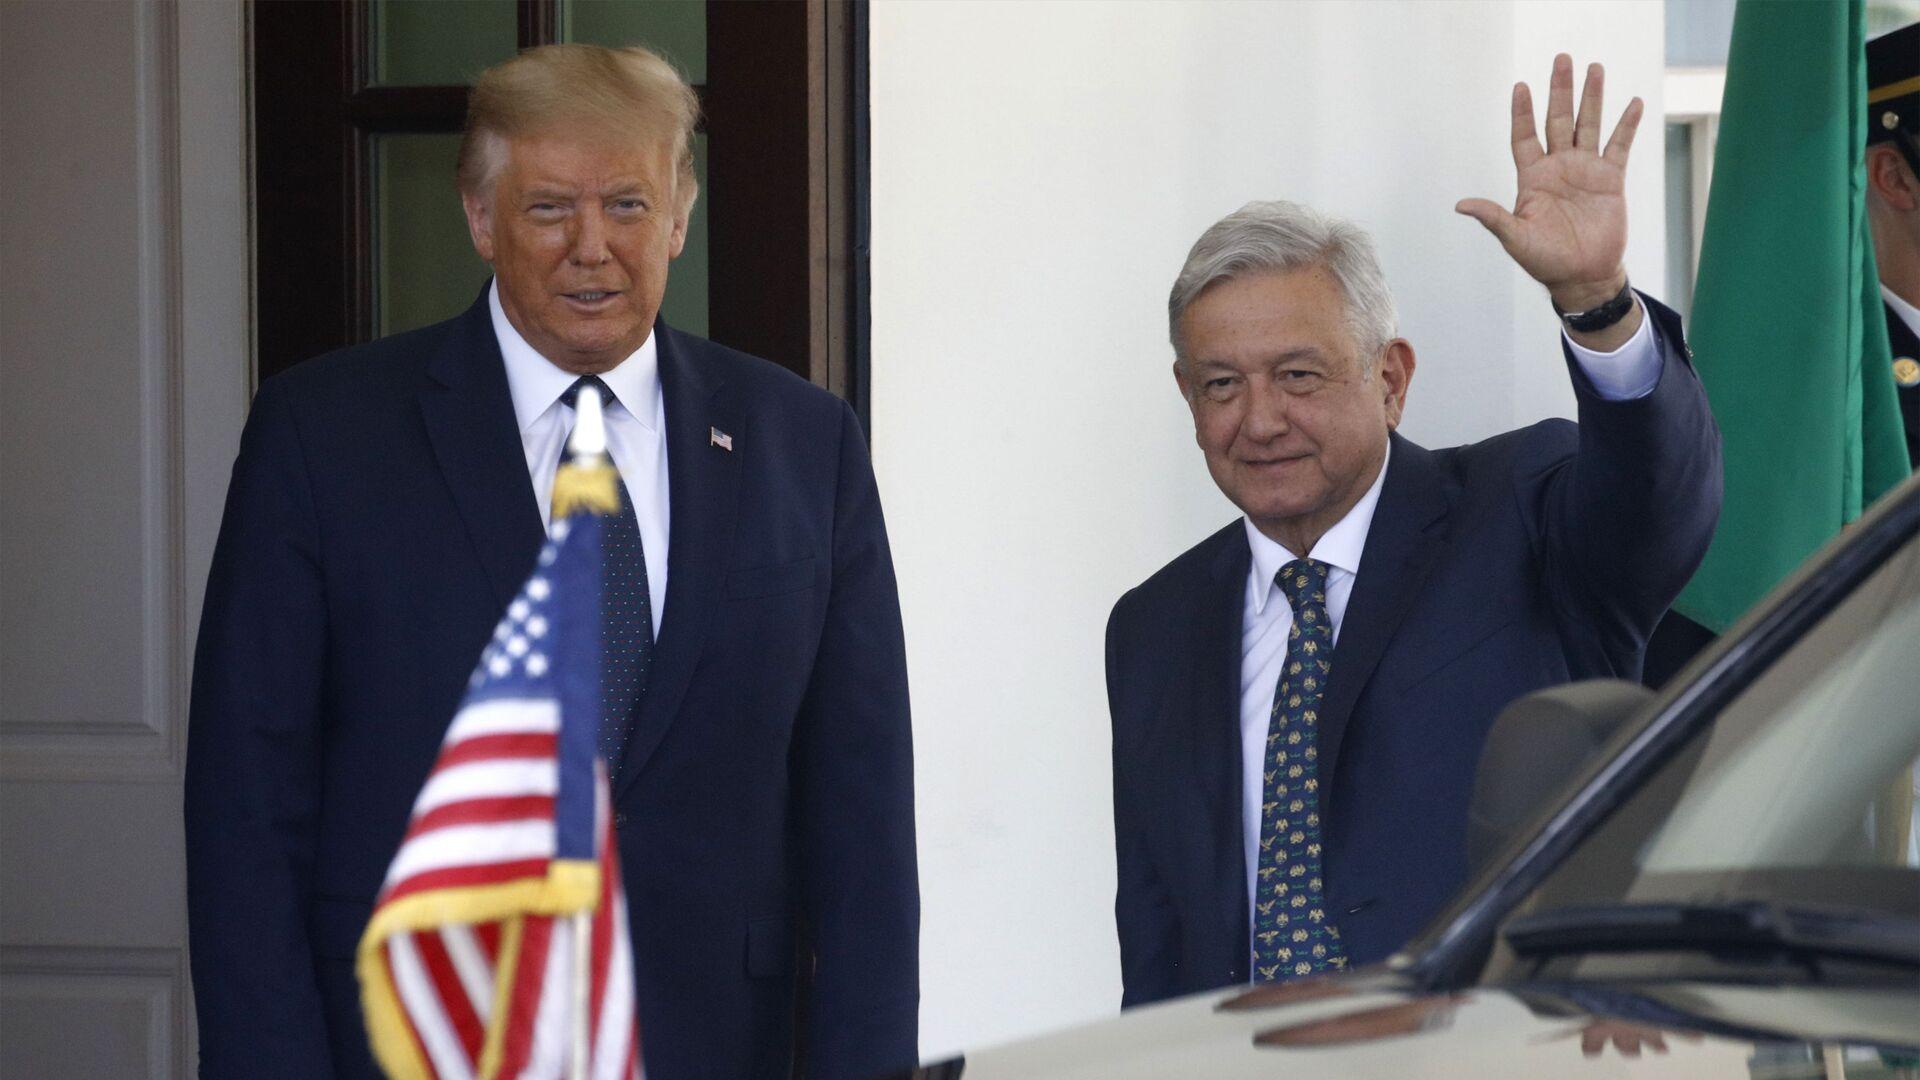 El presidente de EEUU, Donald Trump, con el presidente de México, Andrés Manuel López Obrador (archivo) - Sputnik Mundo, 1920, 14.04.2021